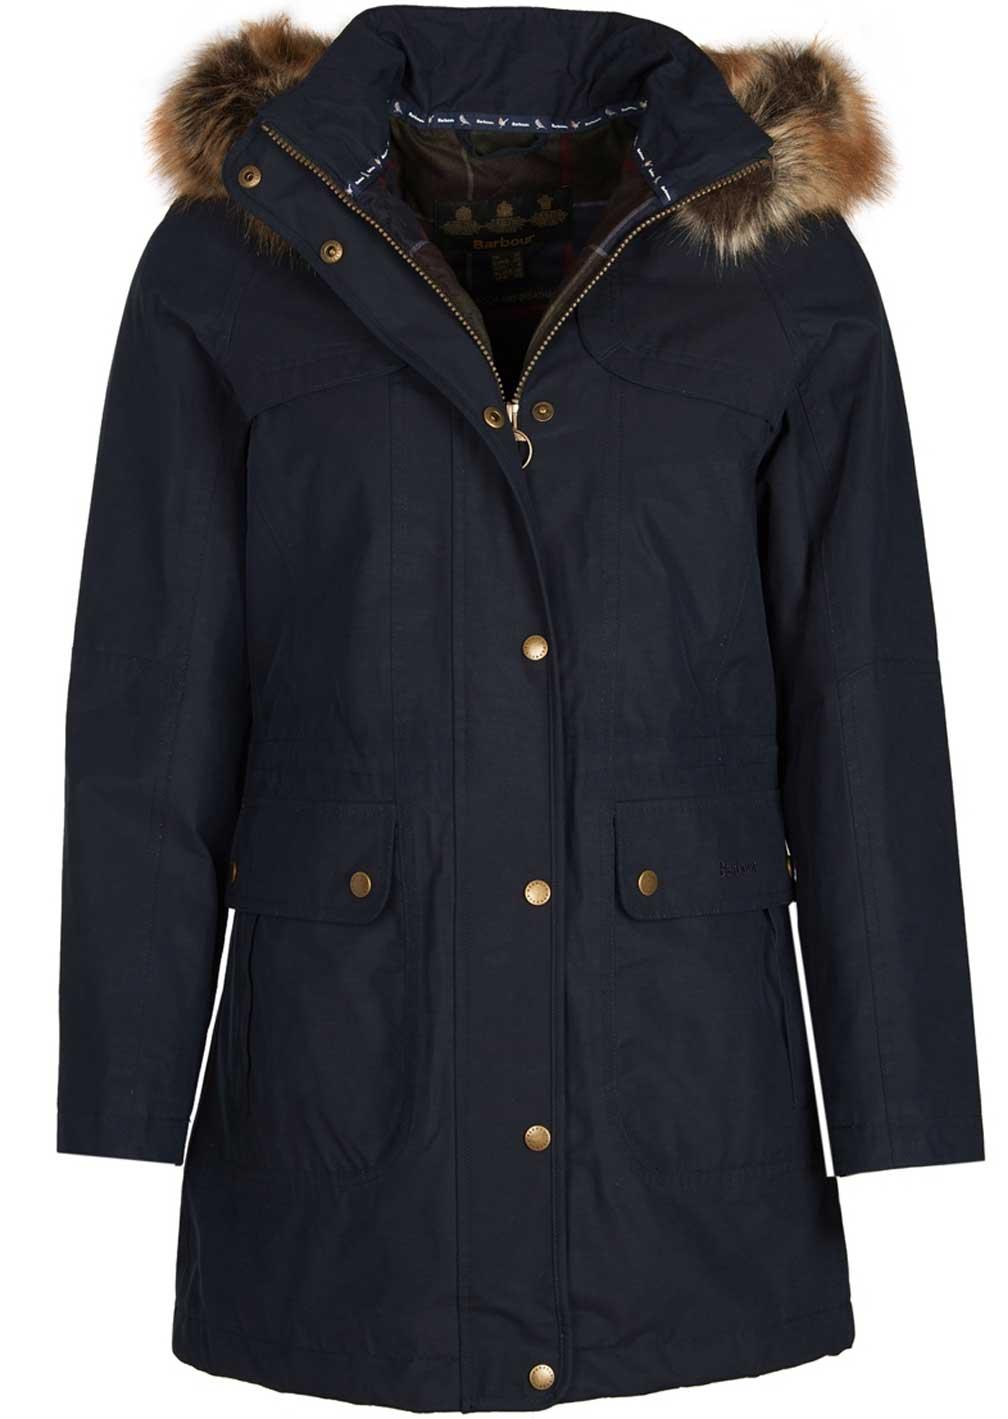 Barbour Ladies Buttermere Navy Waterproof Jacket